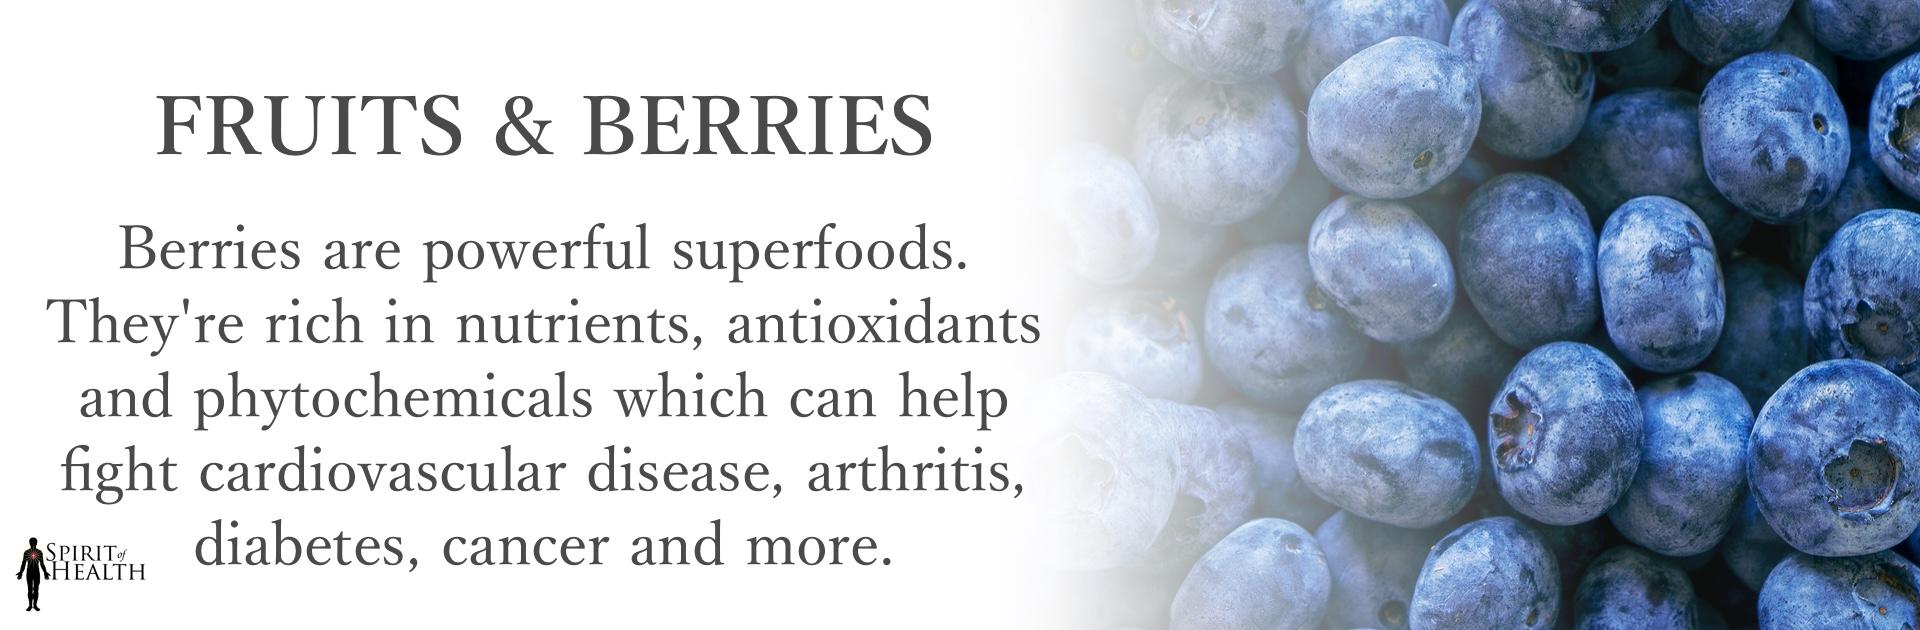 fruits-berries-2.jpg